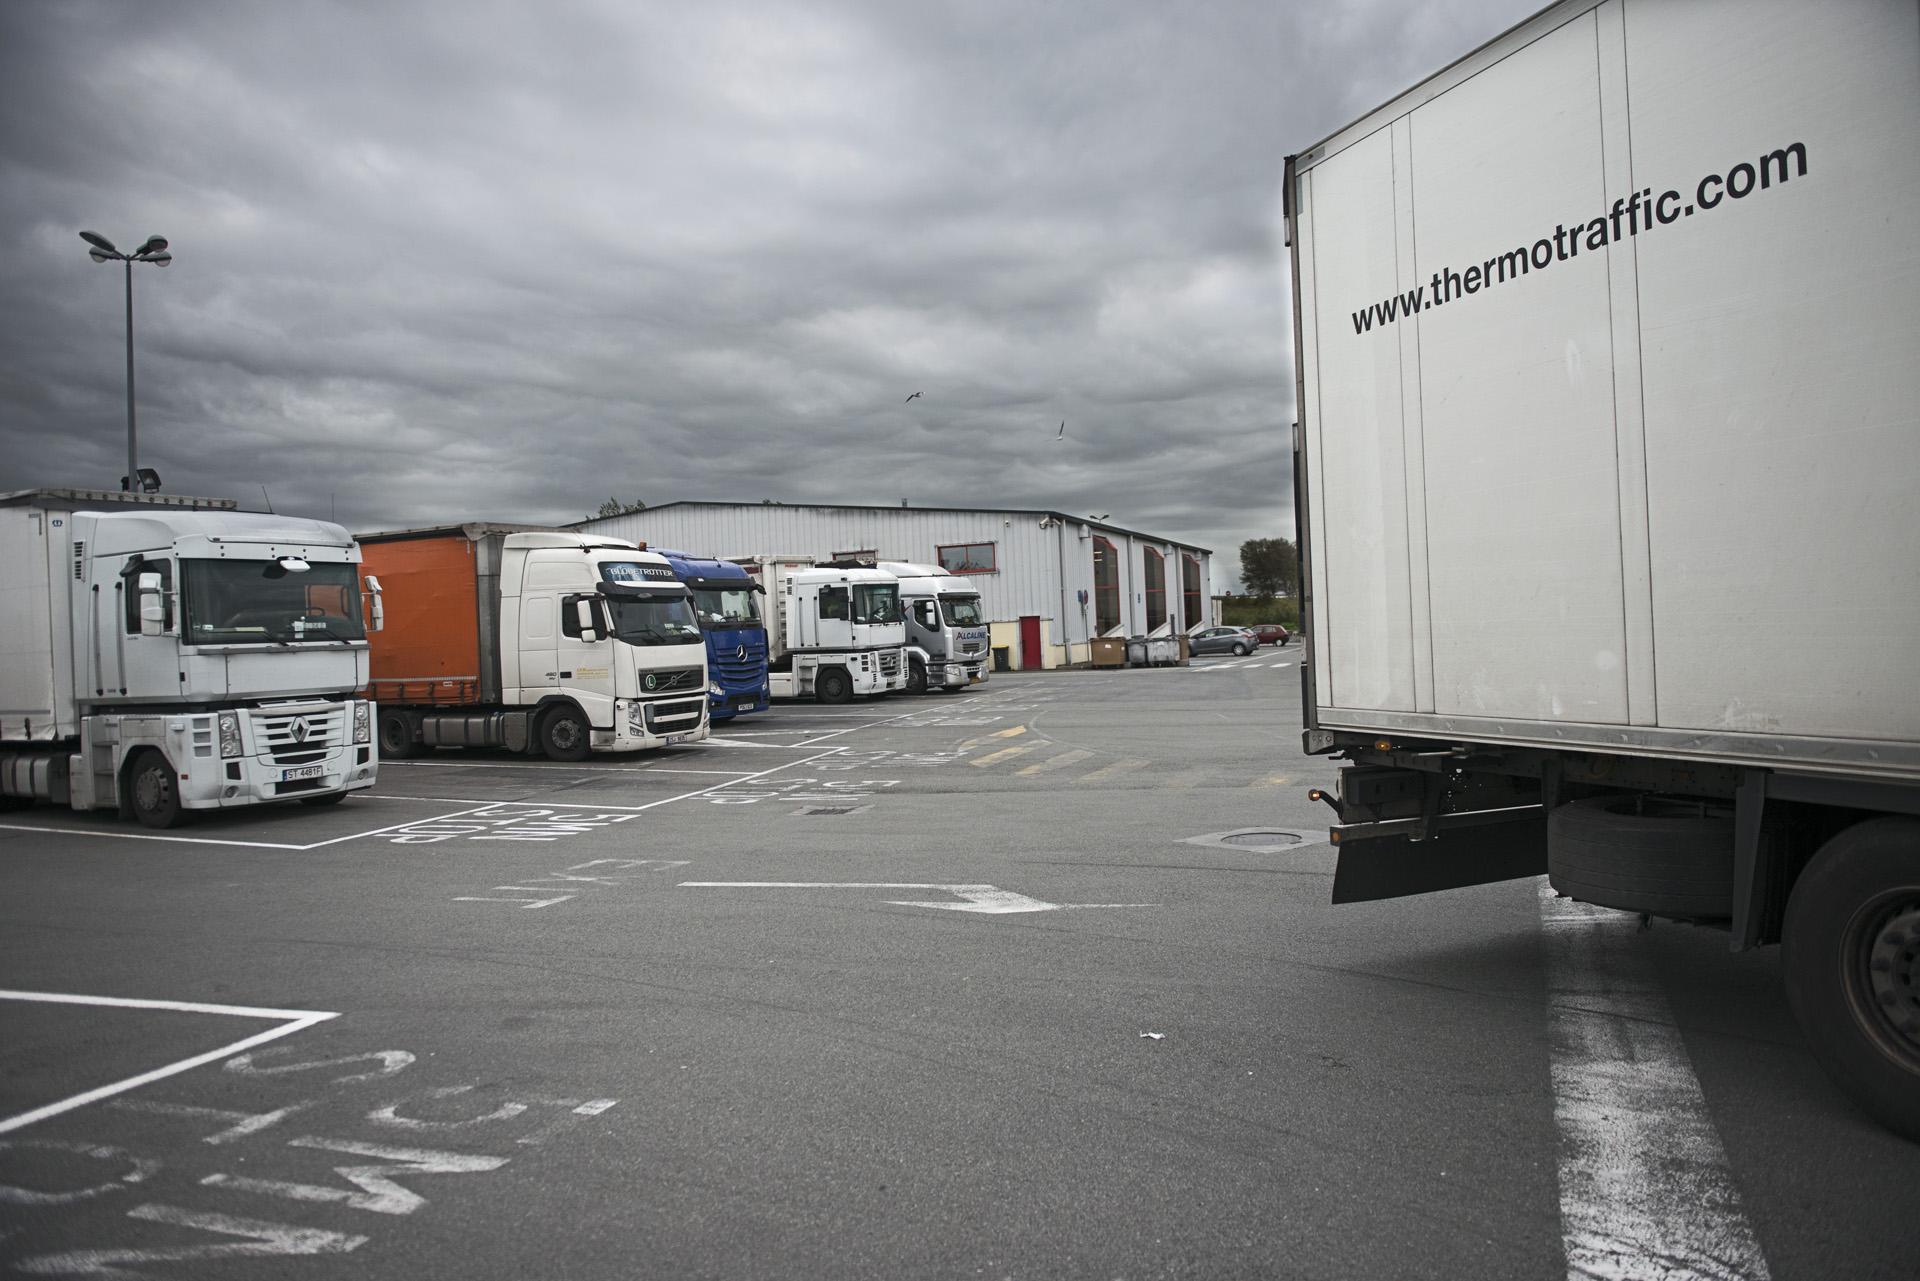 Les parkings sont «tenus» par des passeurs, comme la plupart des lieux qui permettent l'embarquement. Il ne suffit pas de parvenir à monter à bord pour passer. Il faut surtout déjouer les contrôles de plus en plus nombreux. Si des migrants sont découverts dans le chargement à l'arrivée en Angleterre, le chauffeur doit s'aquitter d'une amende, d'environ 2000 euros par clandestin.